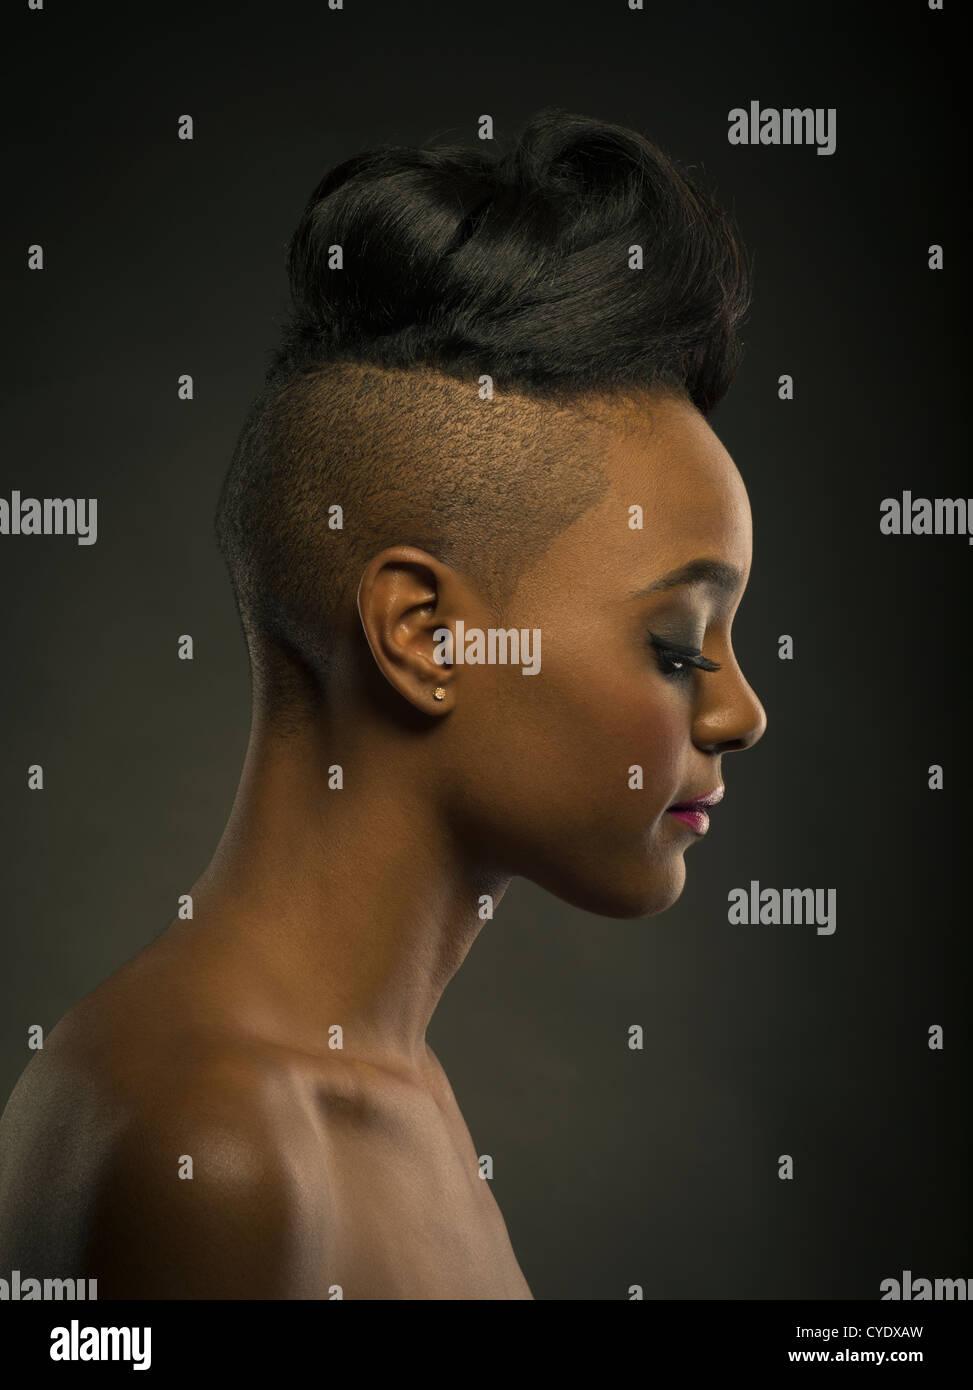 Frau Mit Stylischen Haarschnitt Kopf Rasiert An Den Seiten